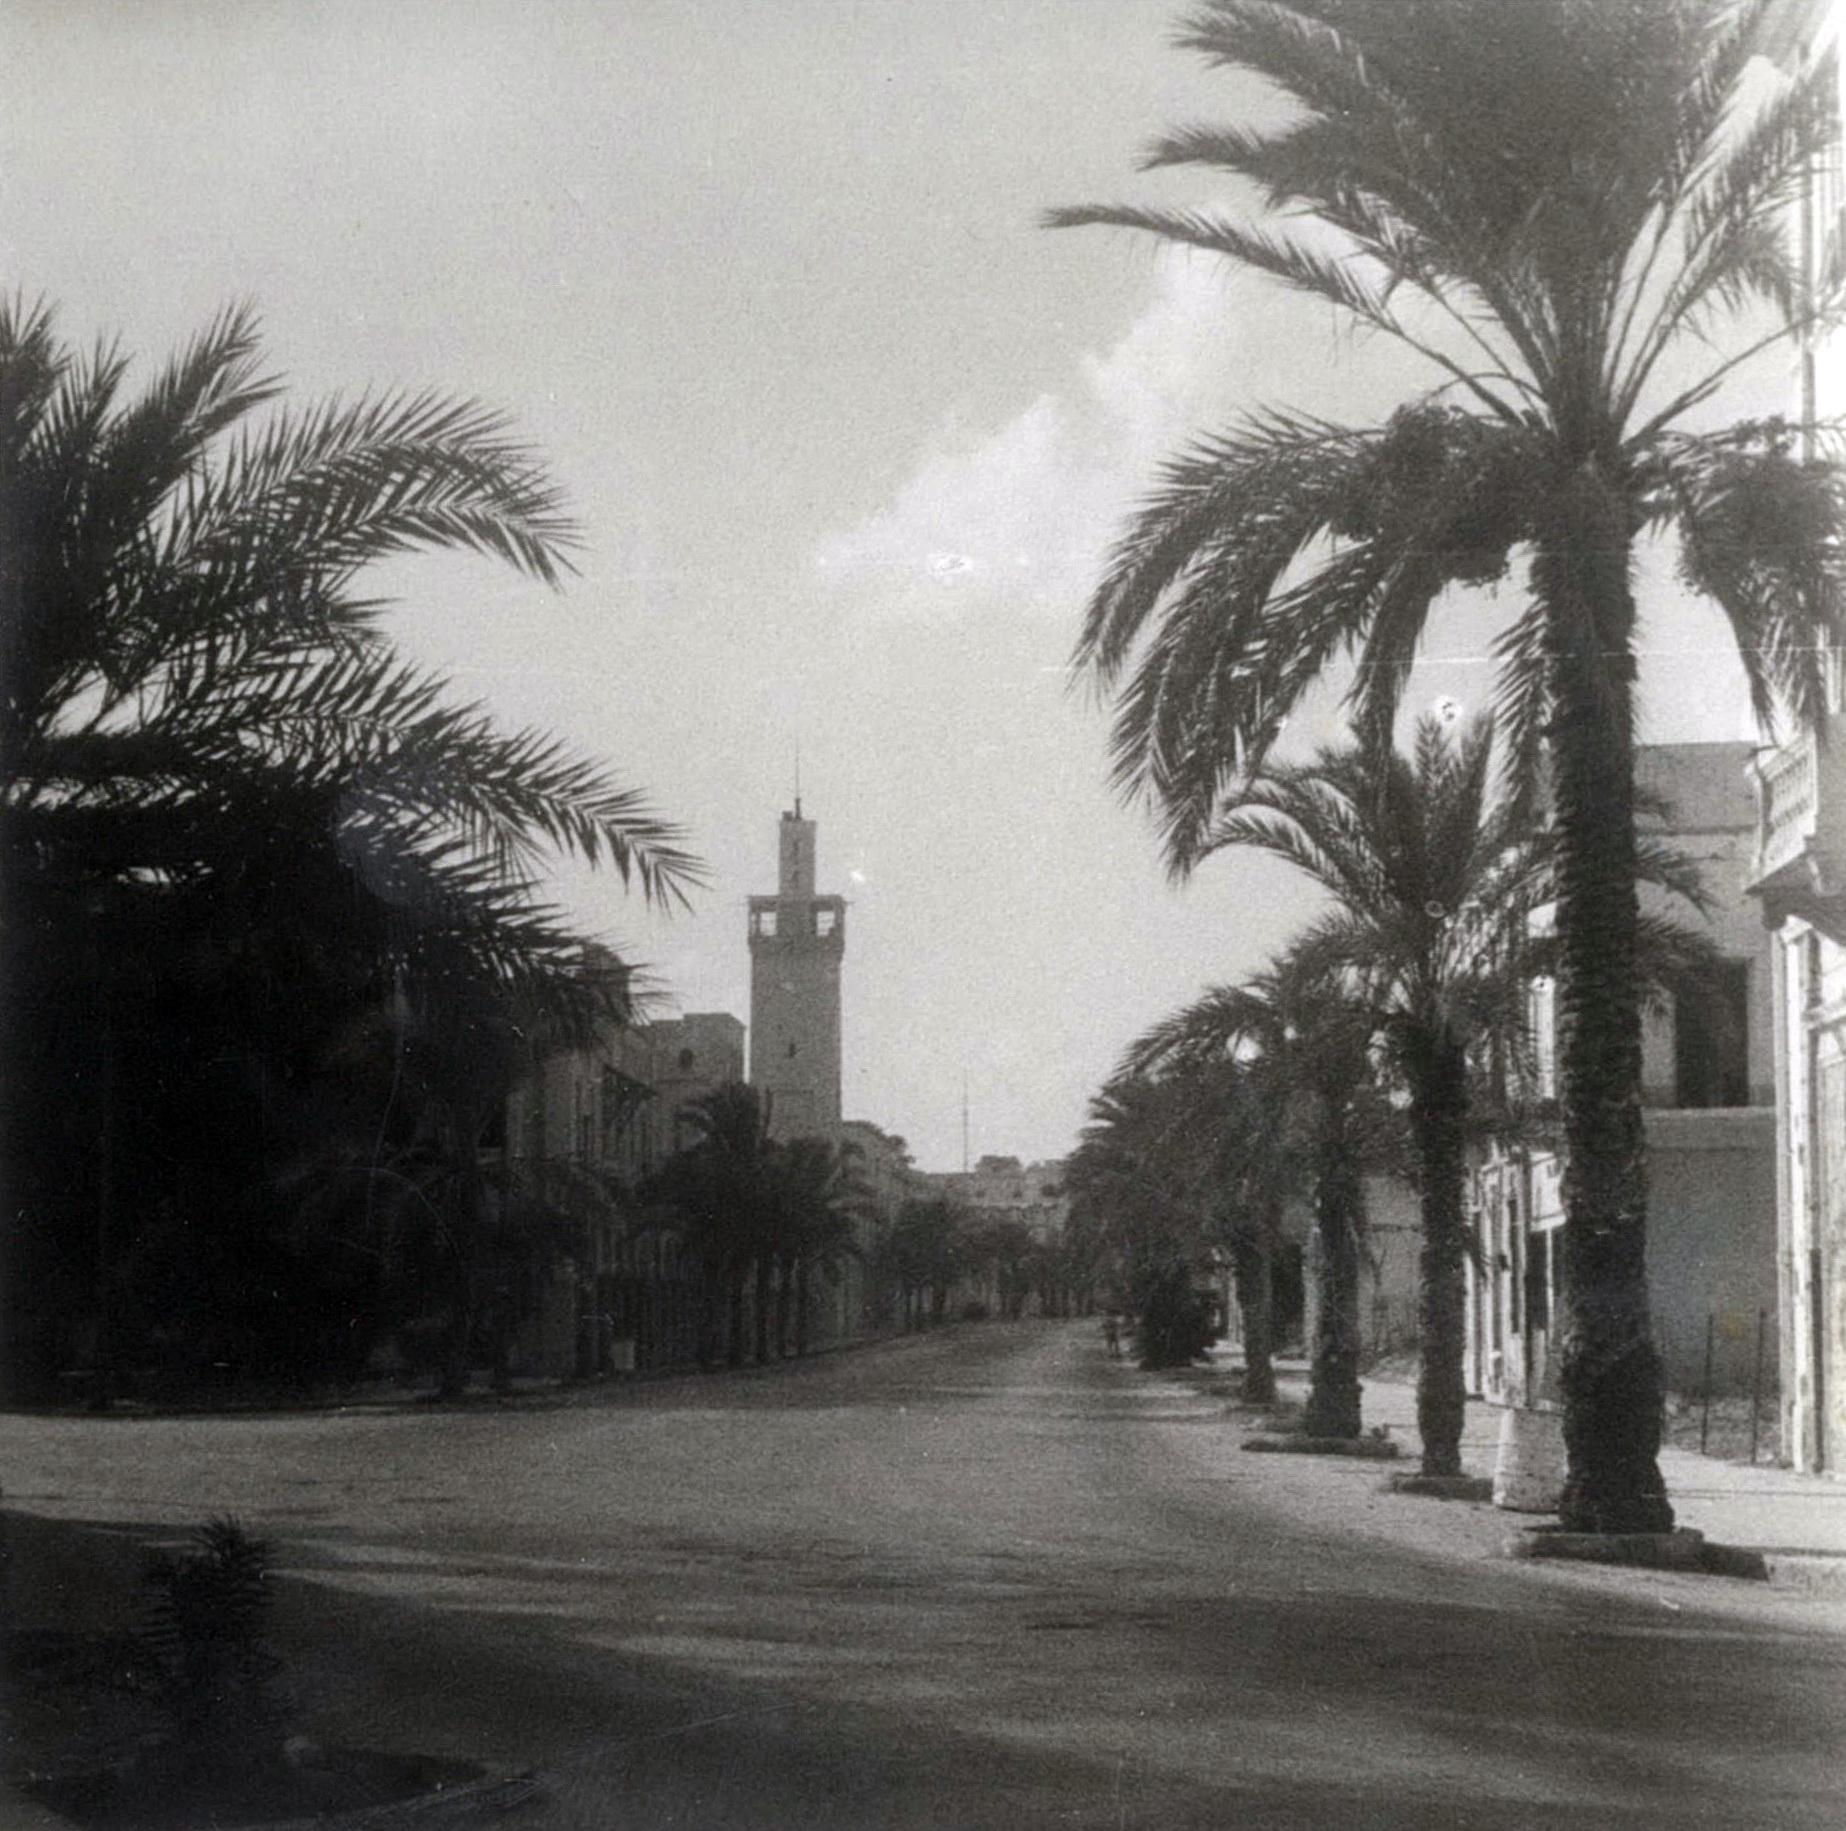 Benghazi Libya 1944 - 1